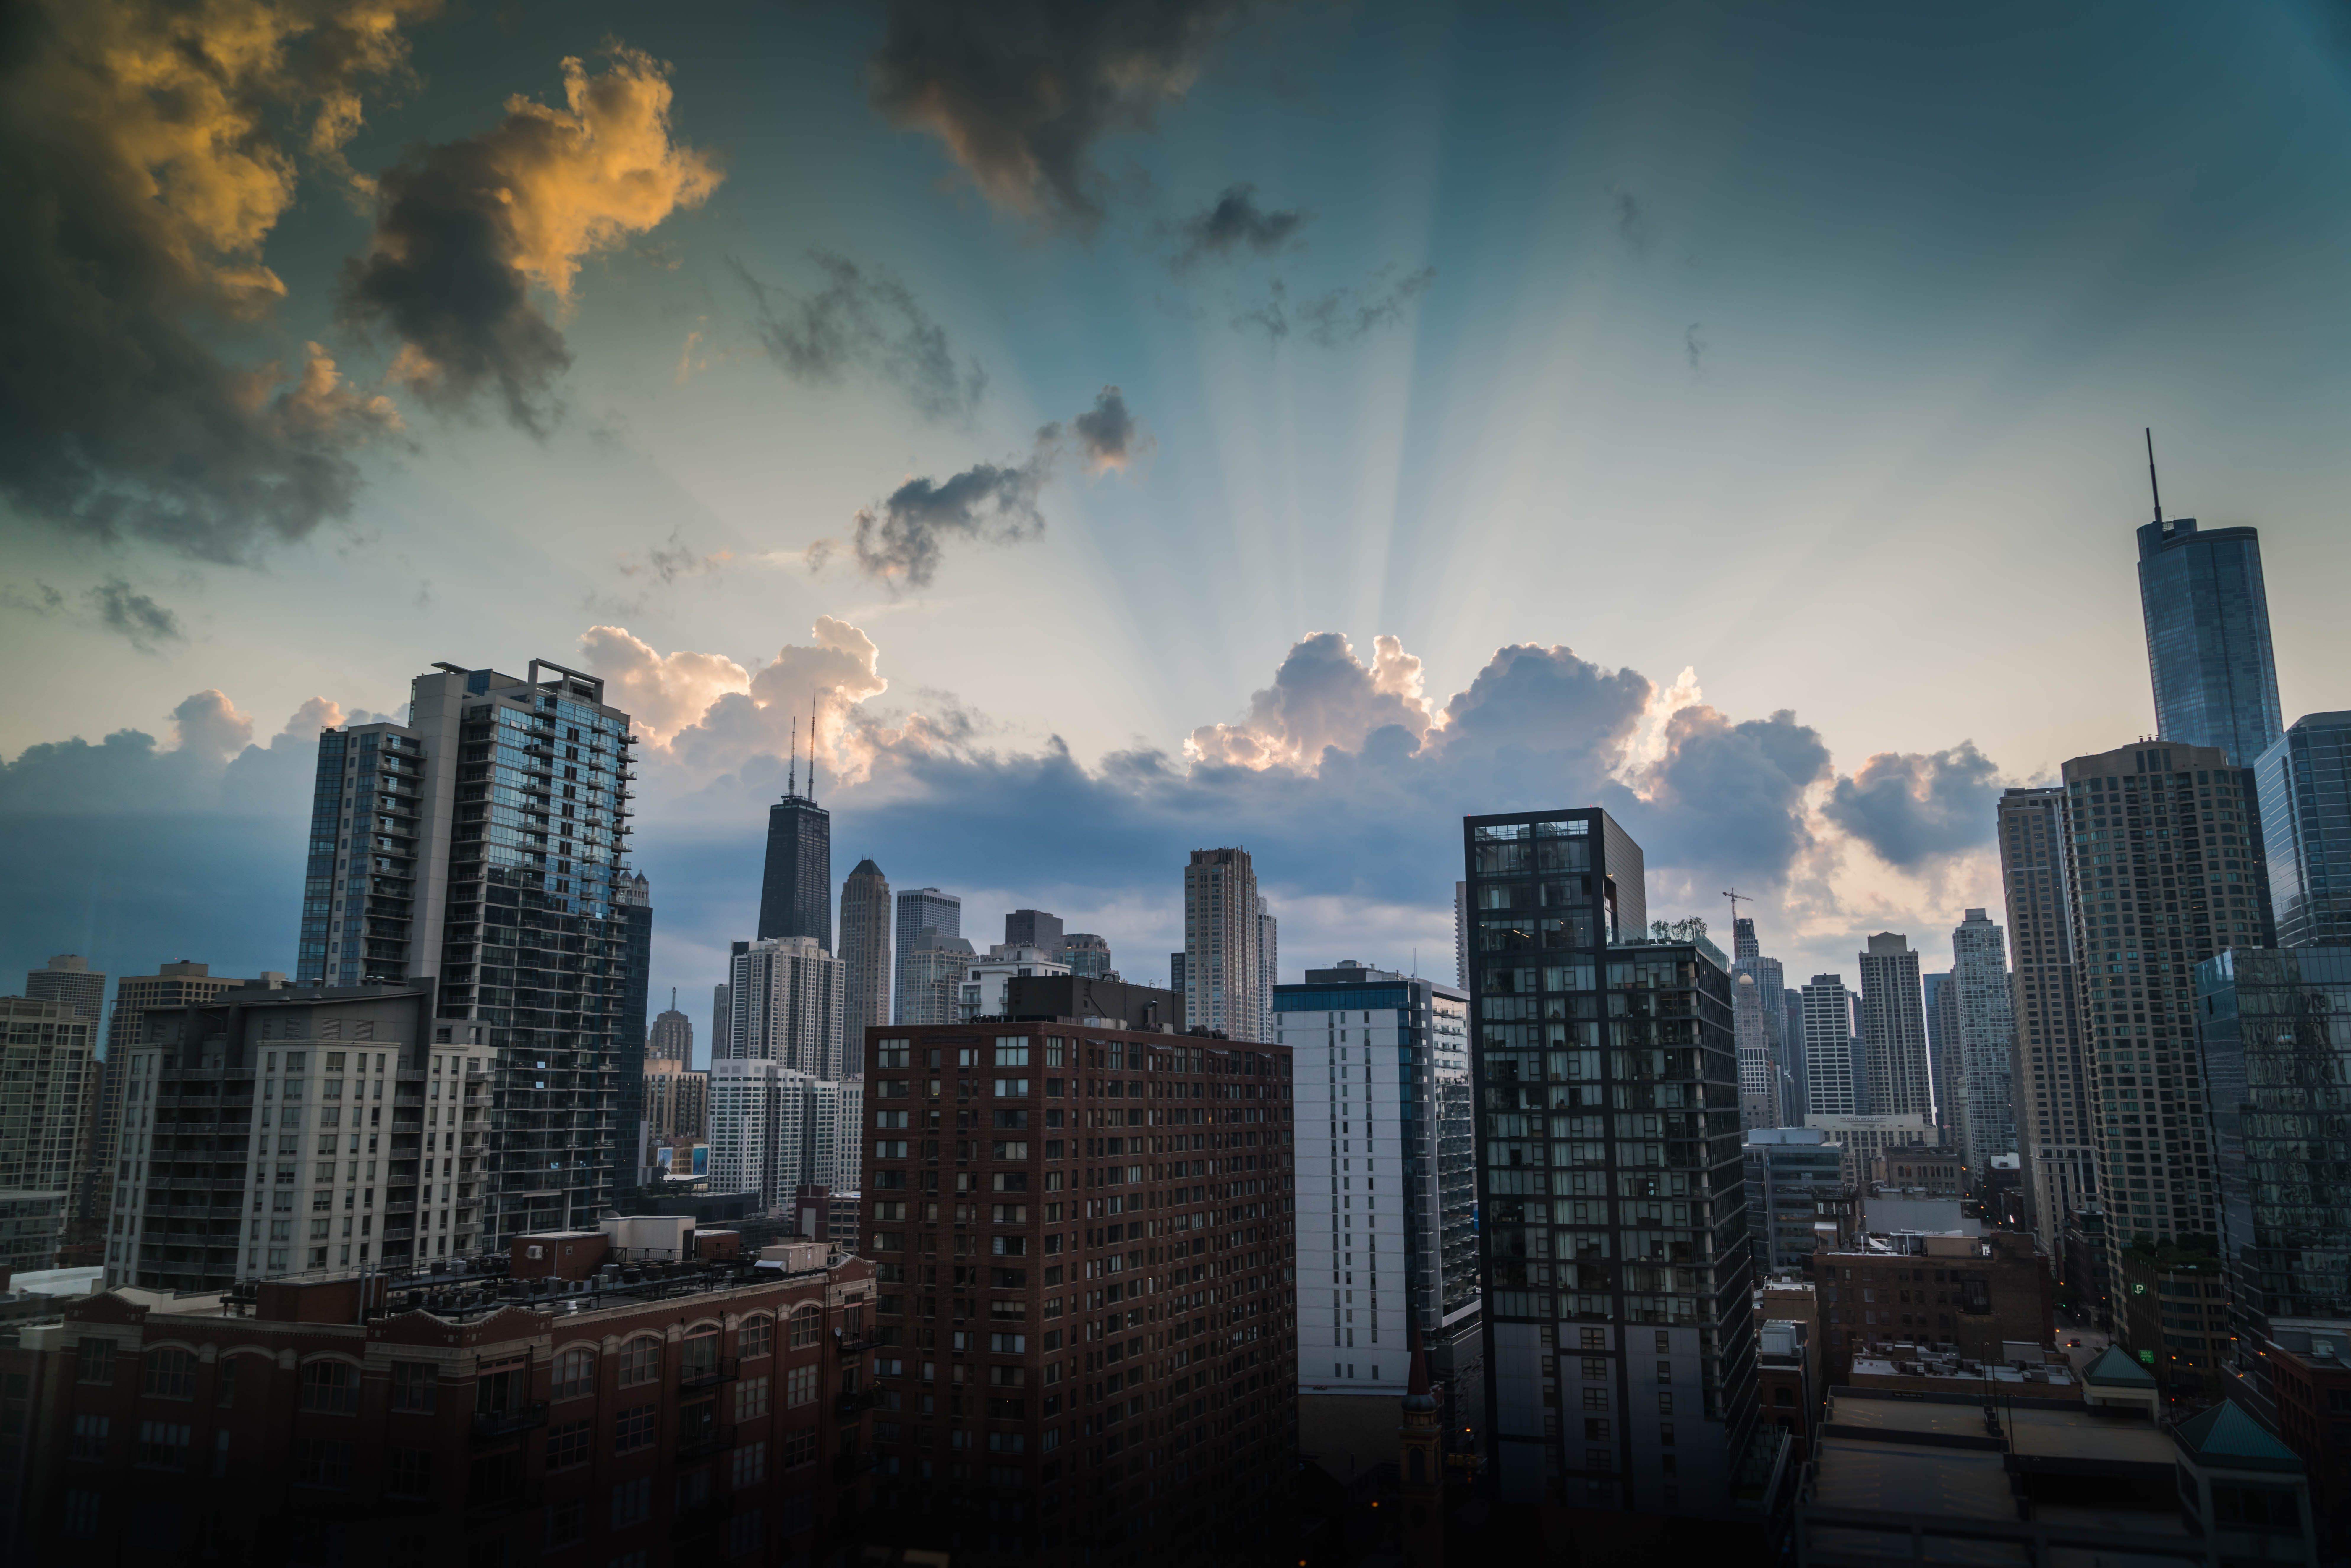 Kostenloses Stock Foto zu architektur, chicago, gebäude, hd wallpaper